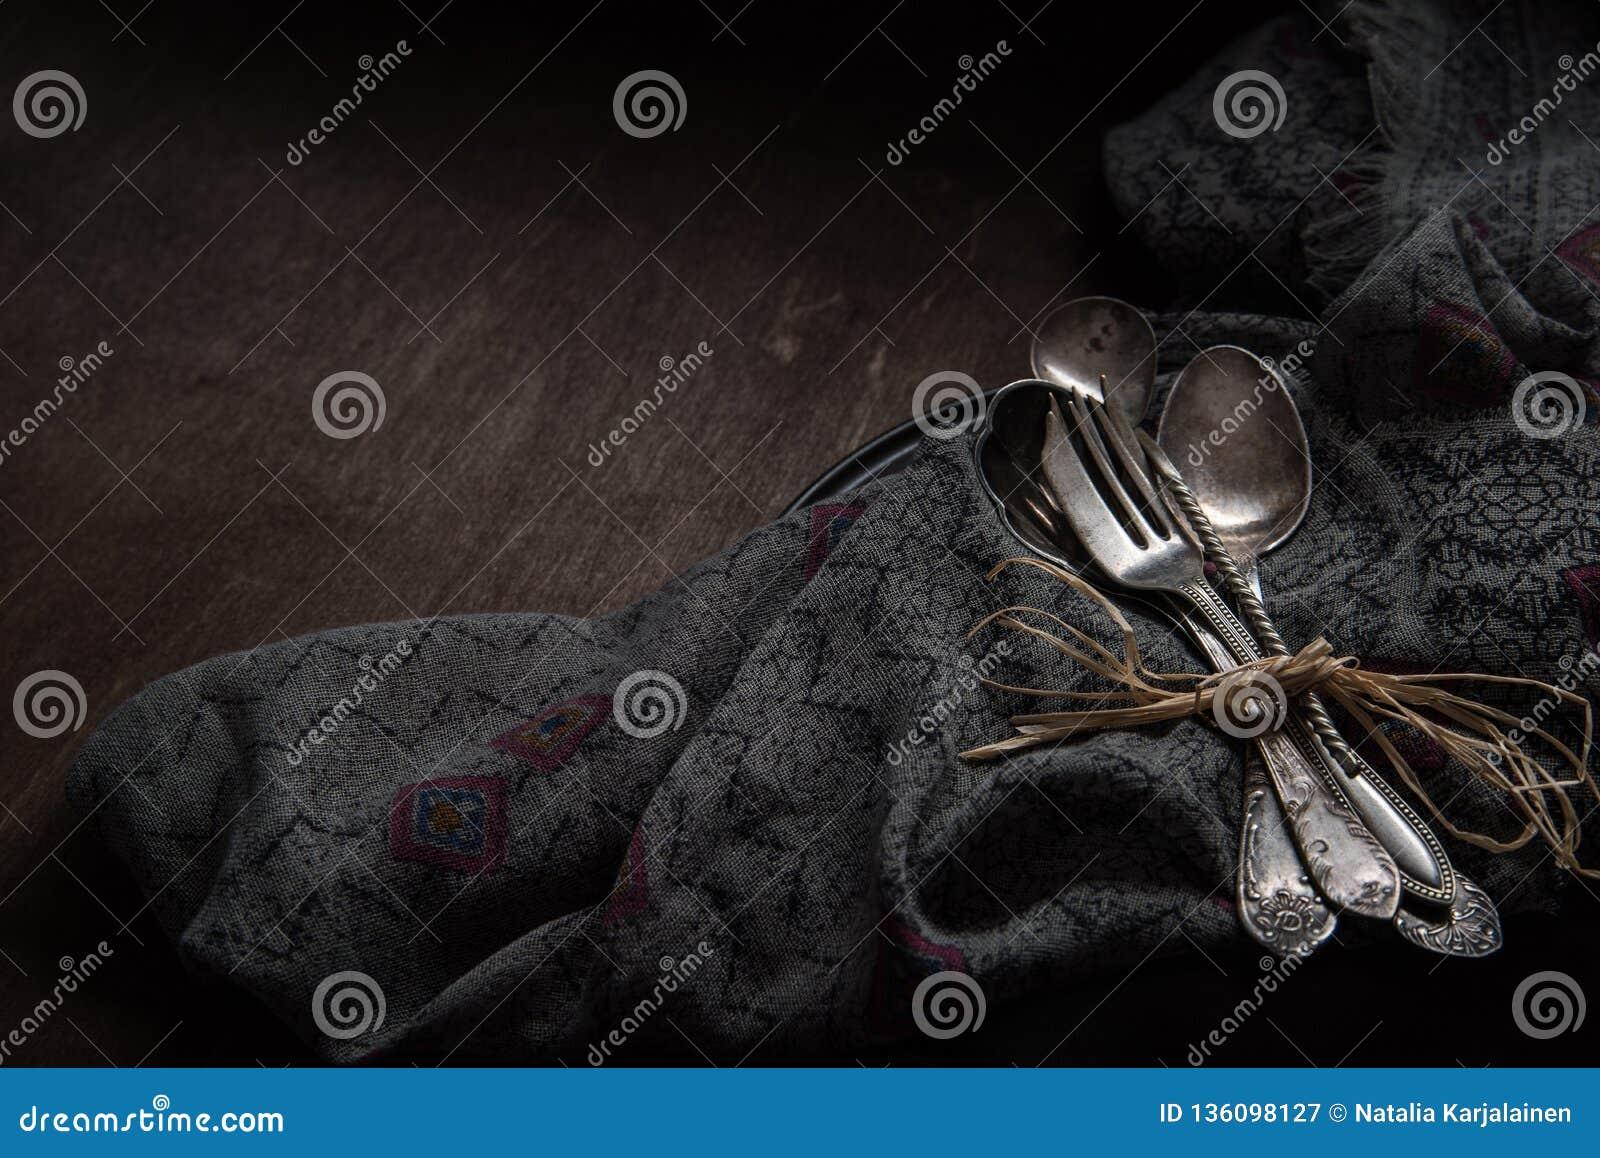 Colheres, forquilhas e faca de prata do vintage no fundo preto do vintage Discreto